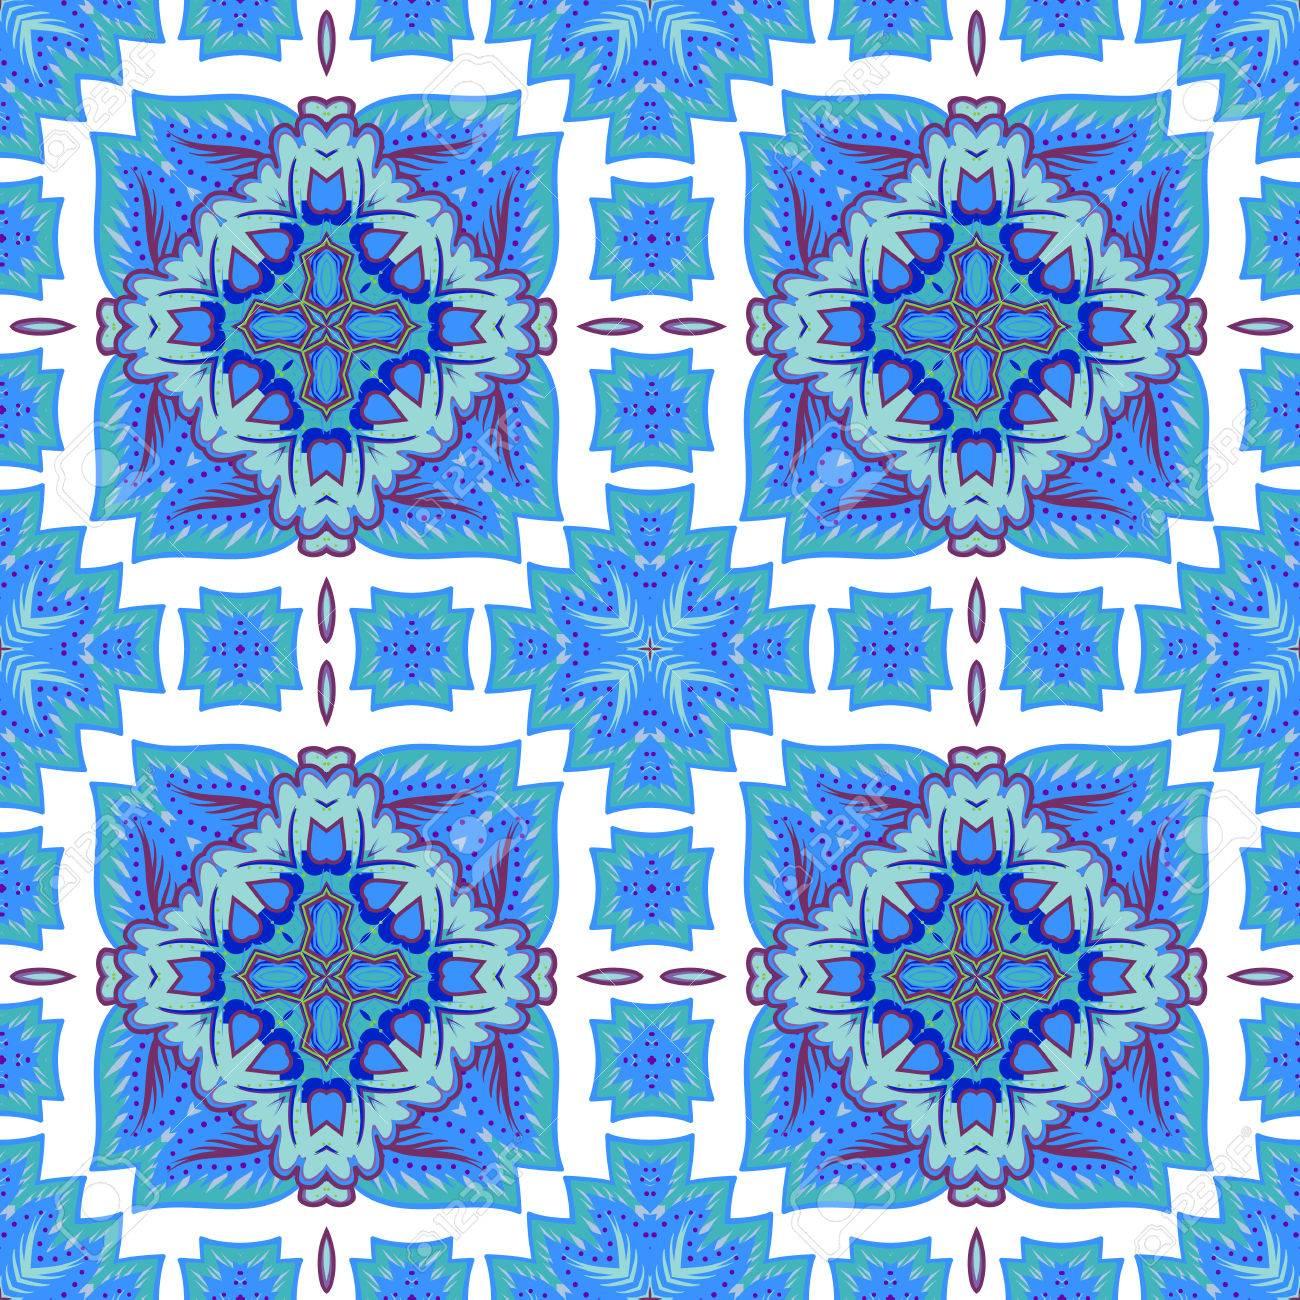 モロッコのタイル 装飾品からシームレスなパッチワークのパターン 壁紙パターンの塗りつぶし テクスチャ 繊維 カバー等に使用できます のイラスト素材 ベクタ Image